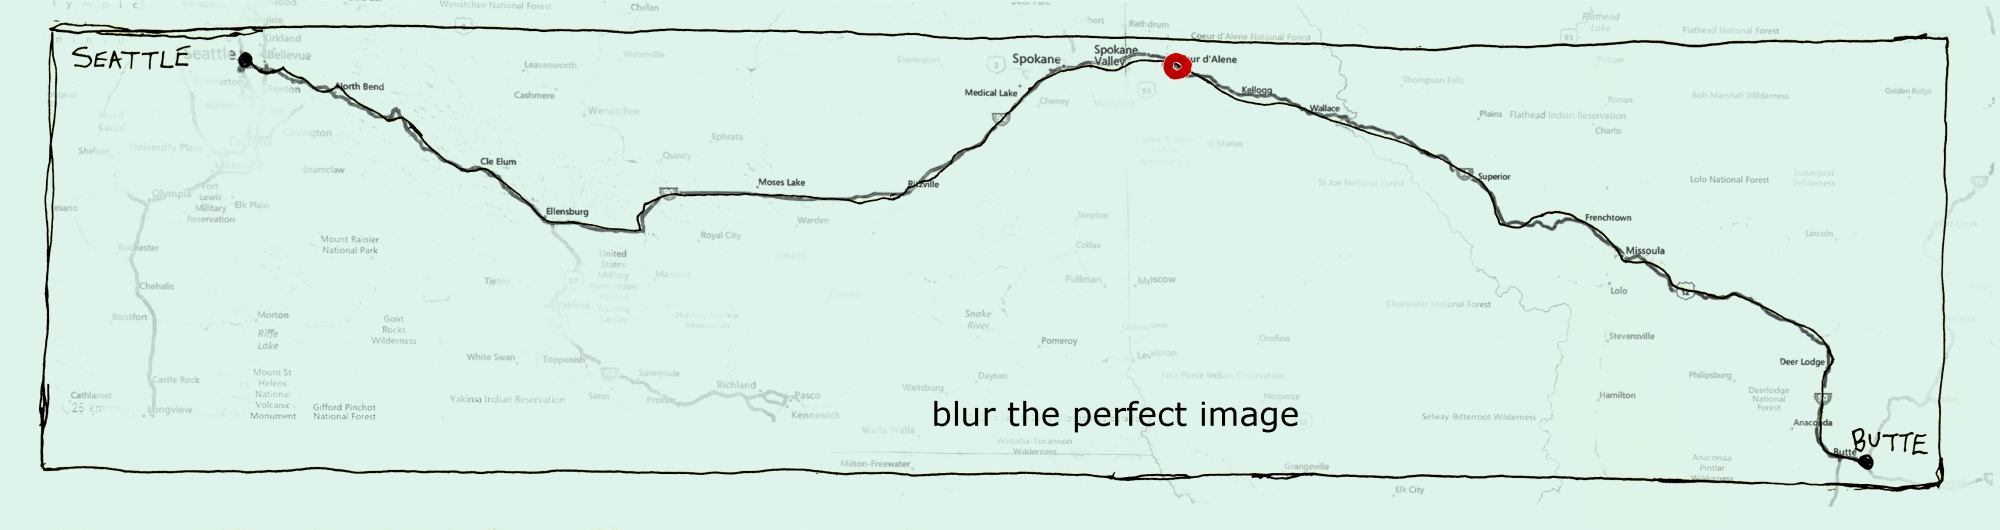 319 map